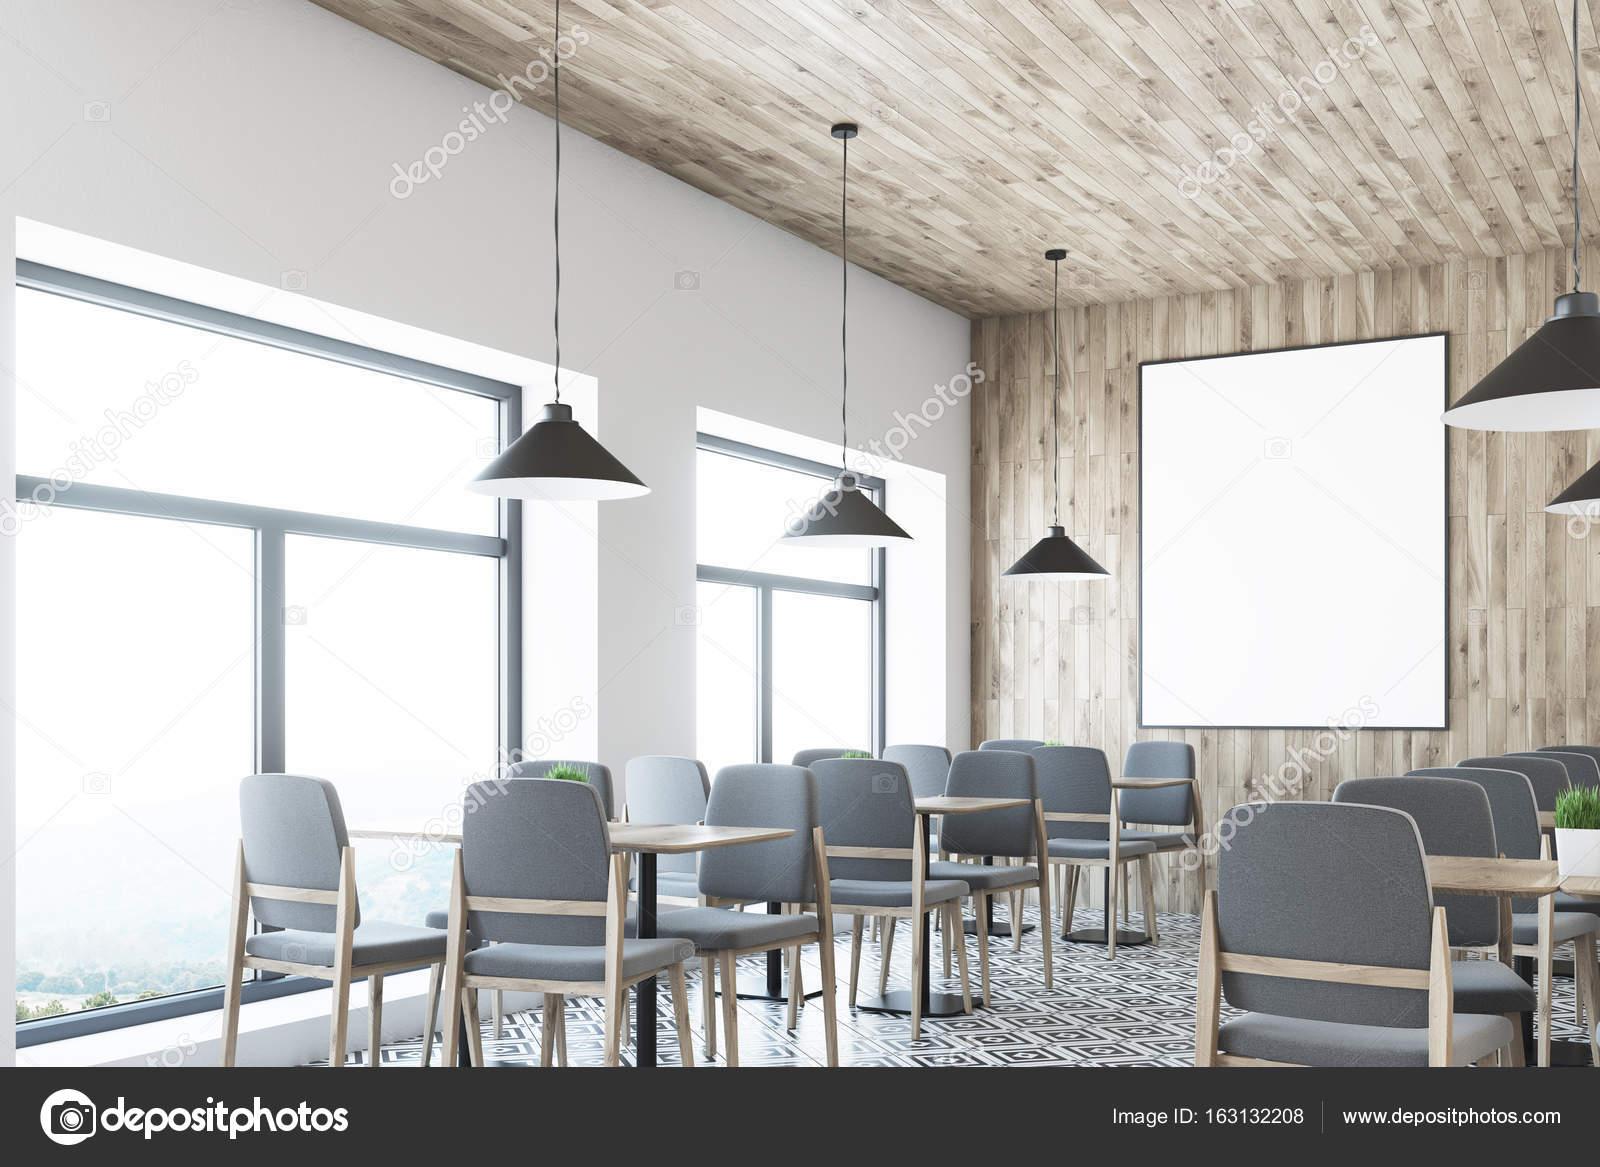 Soffitti In Legno Bianco : Caffè bianco soffitto in legno poster angolo u2014 foto stock